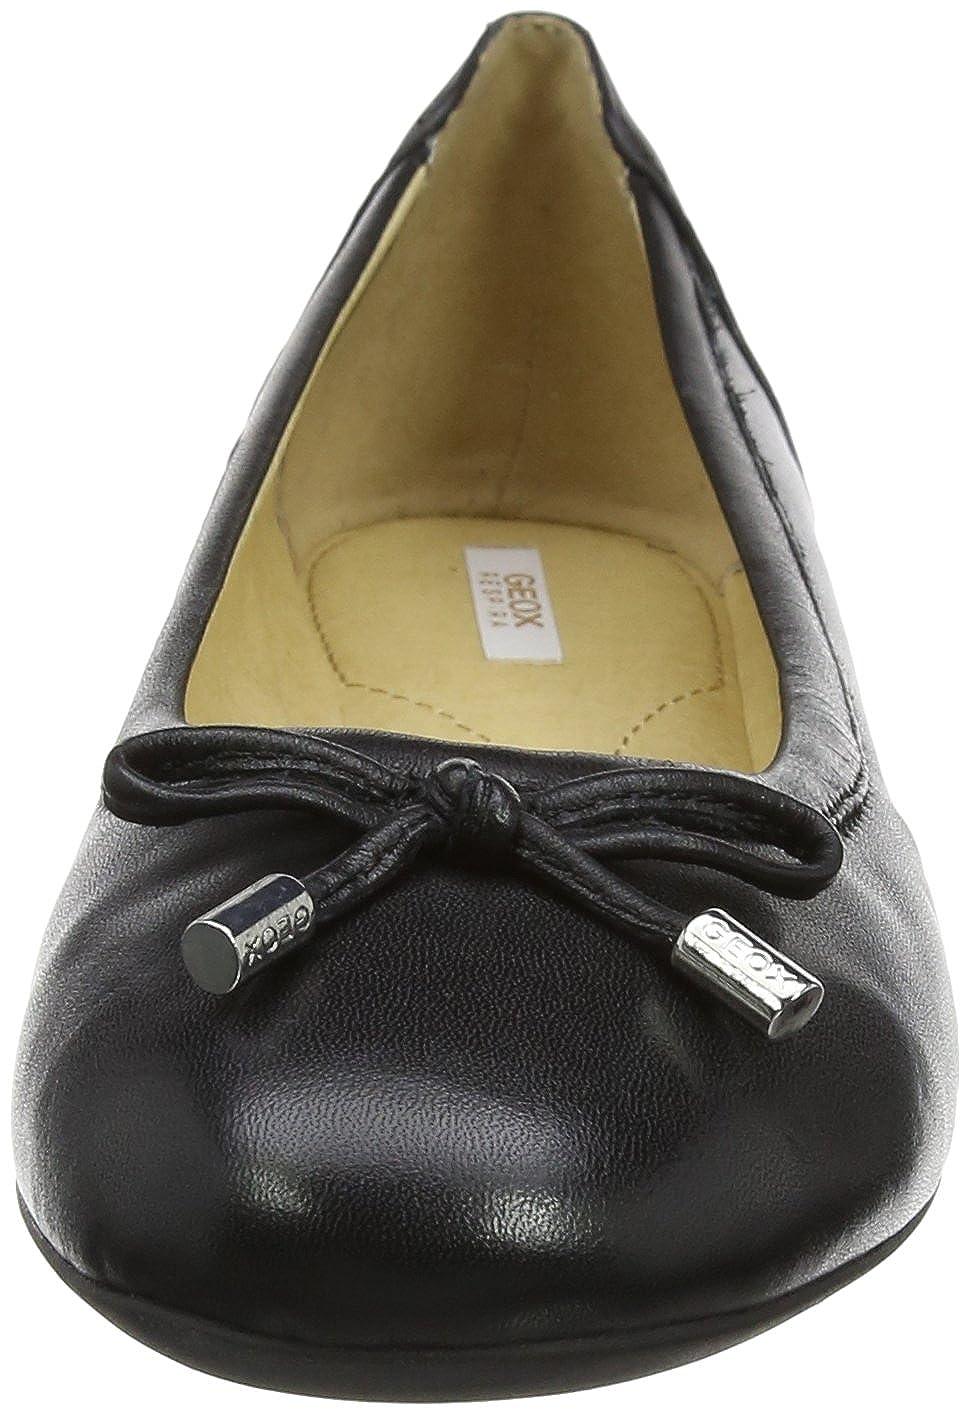 Geox Damen Damen Damen D Lamulay D Geschlossene Ballerinas  9431f1